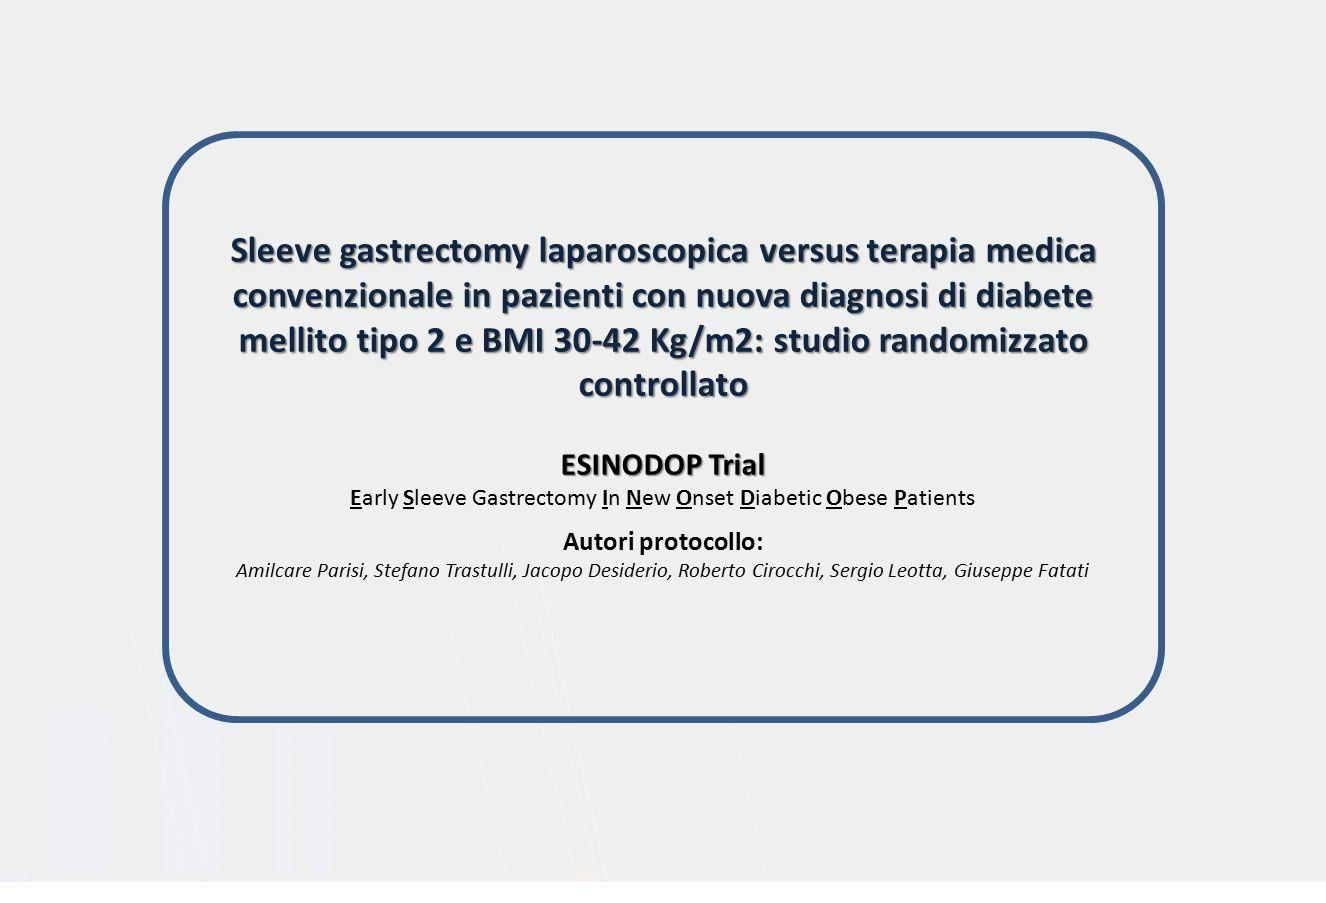 CONTROLLO Terapia medica convenzionale per obesità, diabete e altre comorbidità obesità-relate VS.SPERIMENTALE Chirurgia bariatrica + Terapia medica convenzionale DISEGNO DELLO STUDIO